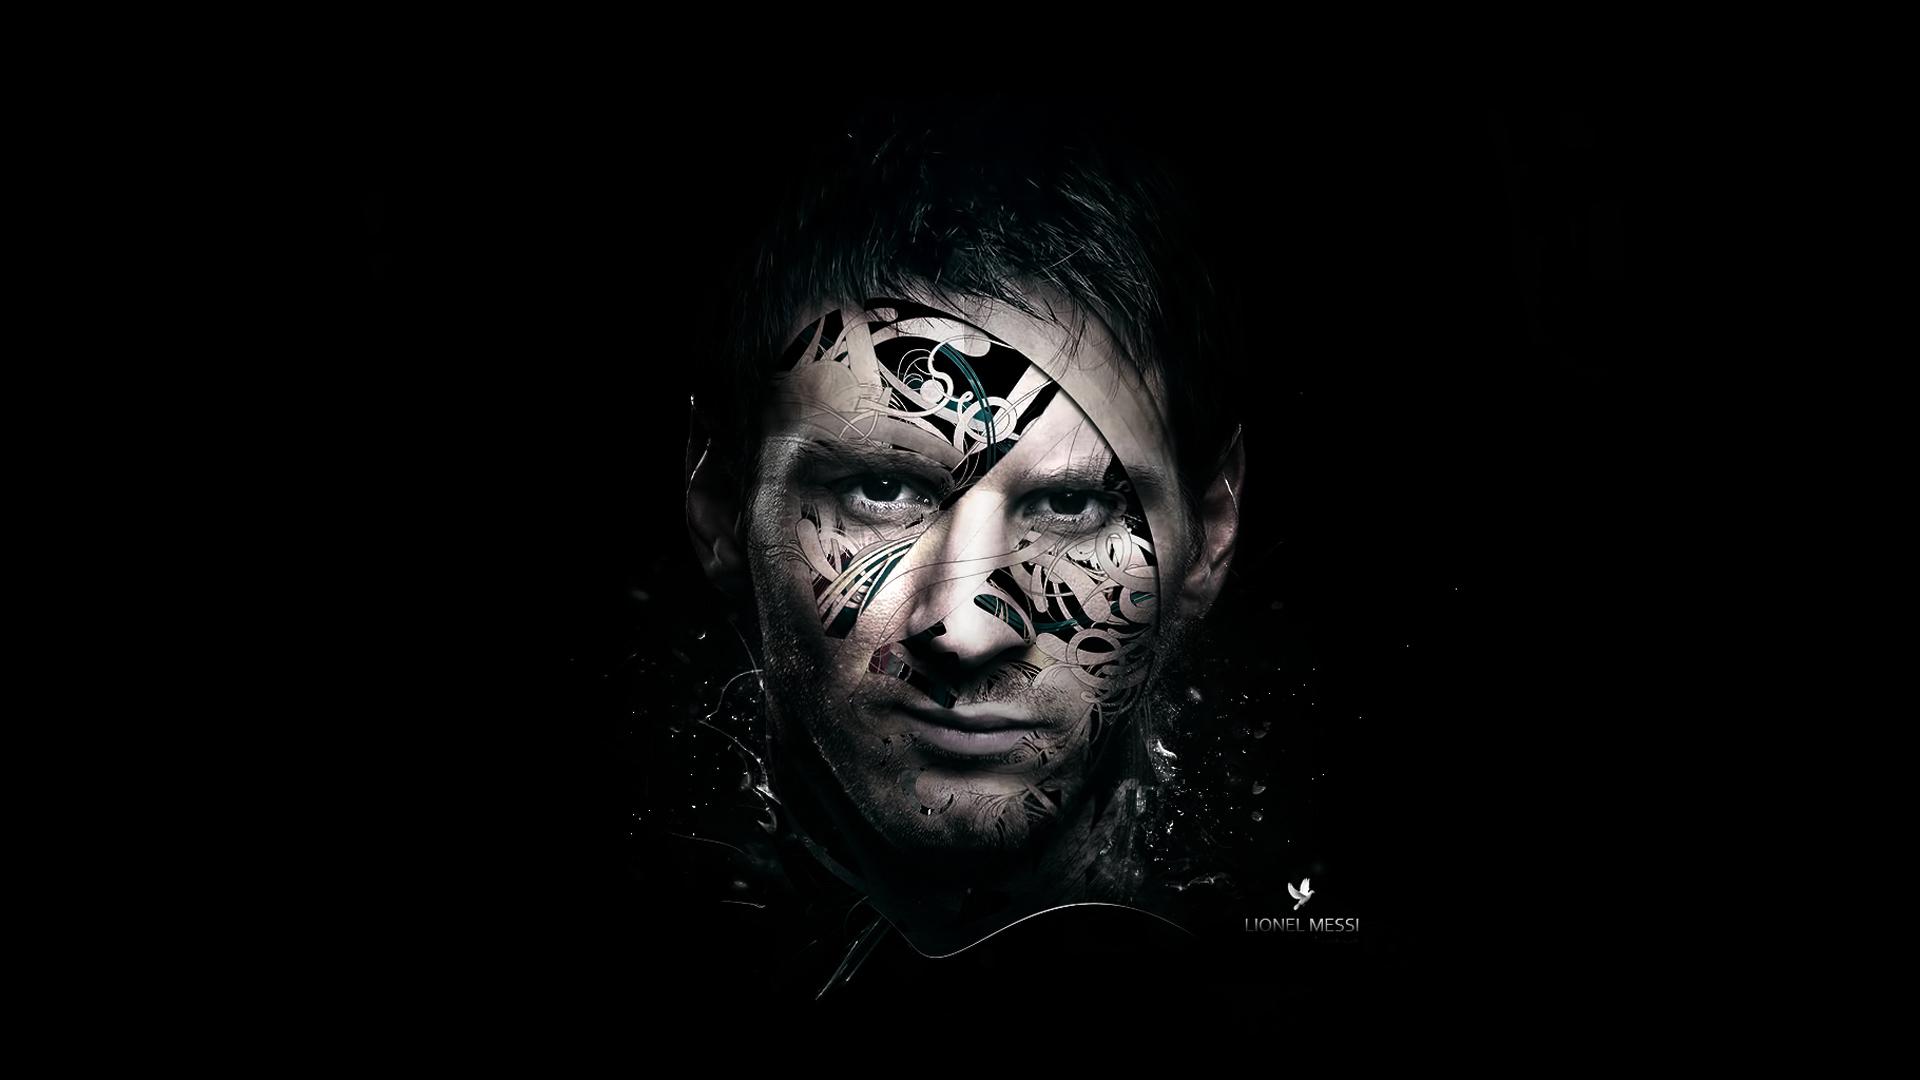 Lionel Messi Images